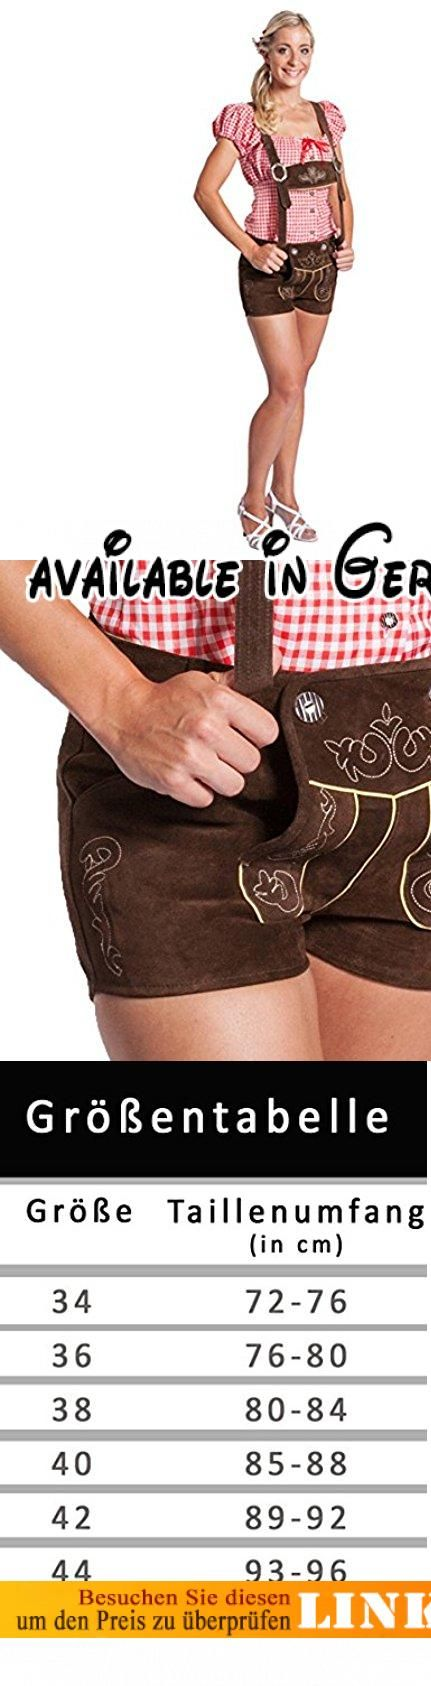 Damen Trachten Lederhose kurz mit Hosenträgern - Original FROHSINN dunkelbraun (38). Sexy Damen Trachten Lederhose kurz mit Hosenträgern. Durch das Naturprodukt Leder paßt sich die Hose perfekt Ihrem Körper an und zaubert eine fantastische Figur. Aufwendige und traditionelle Stickereien befinden sich am Hosenlatz sowie am Hosenbein. Die kurze Damenhose der Marke FROHSINN® ist eine sehr robuste und universelle Alltagshose, nicht nur für das Oktoberfest. Pflegehinweis: